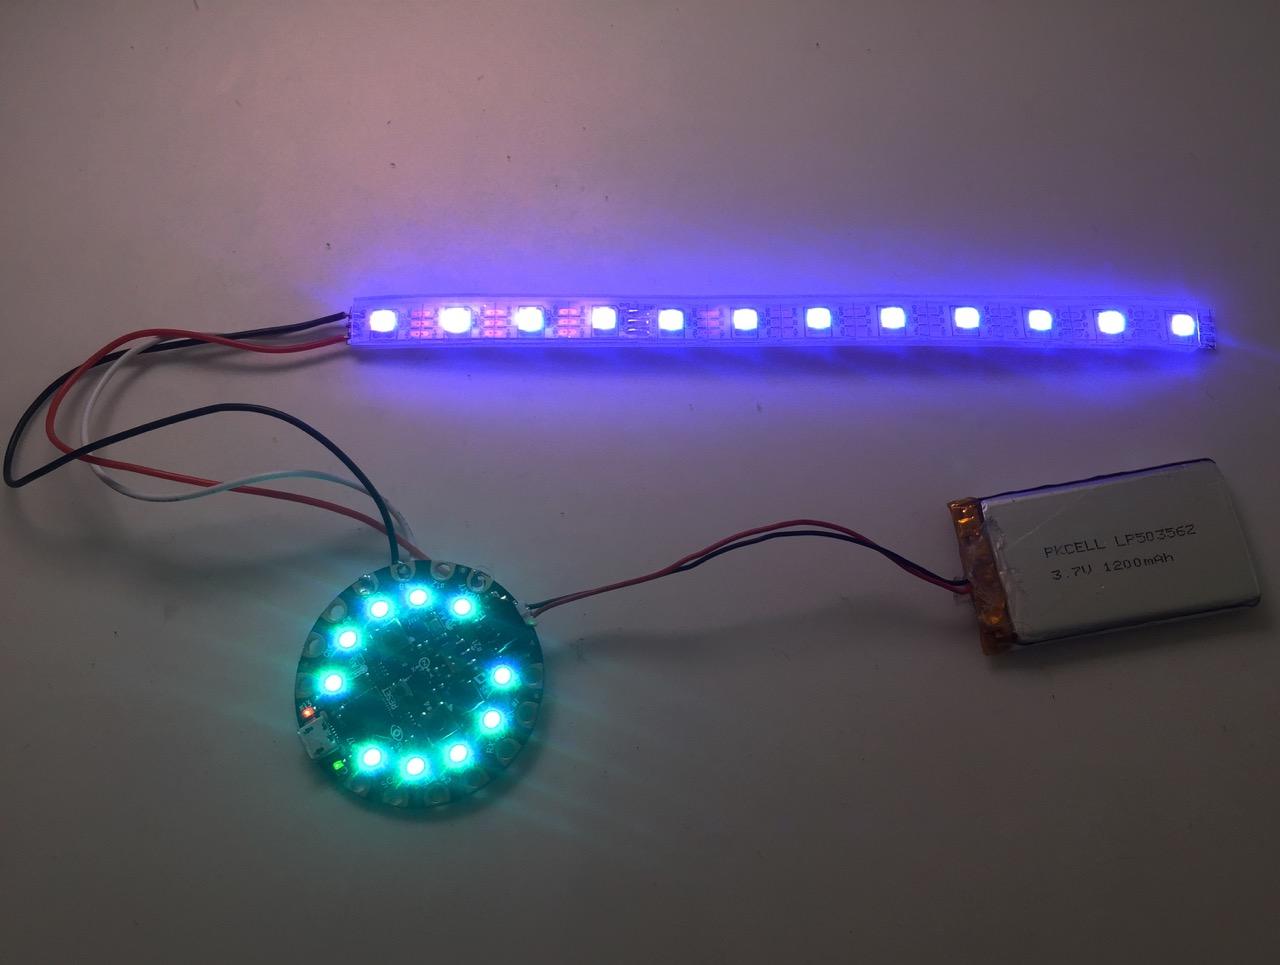 led_pixels_03_test_lights.jpg